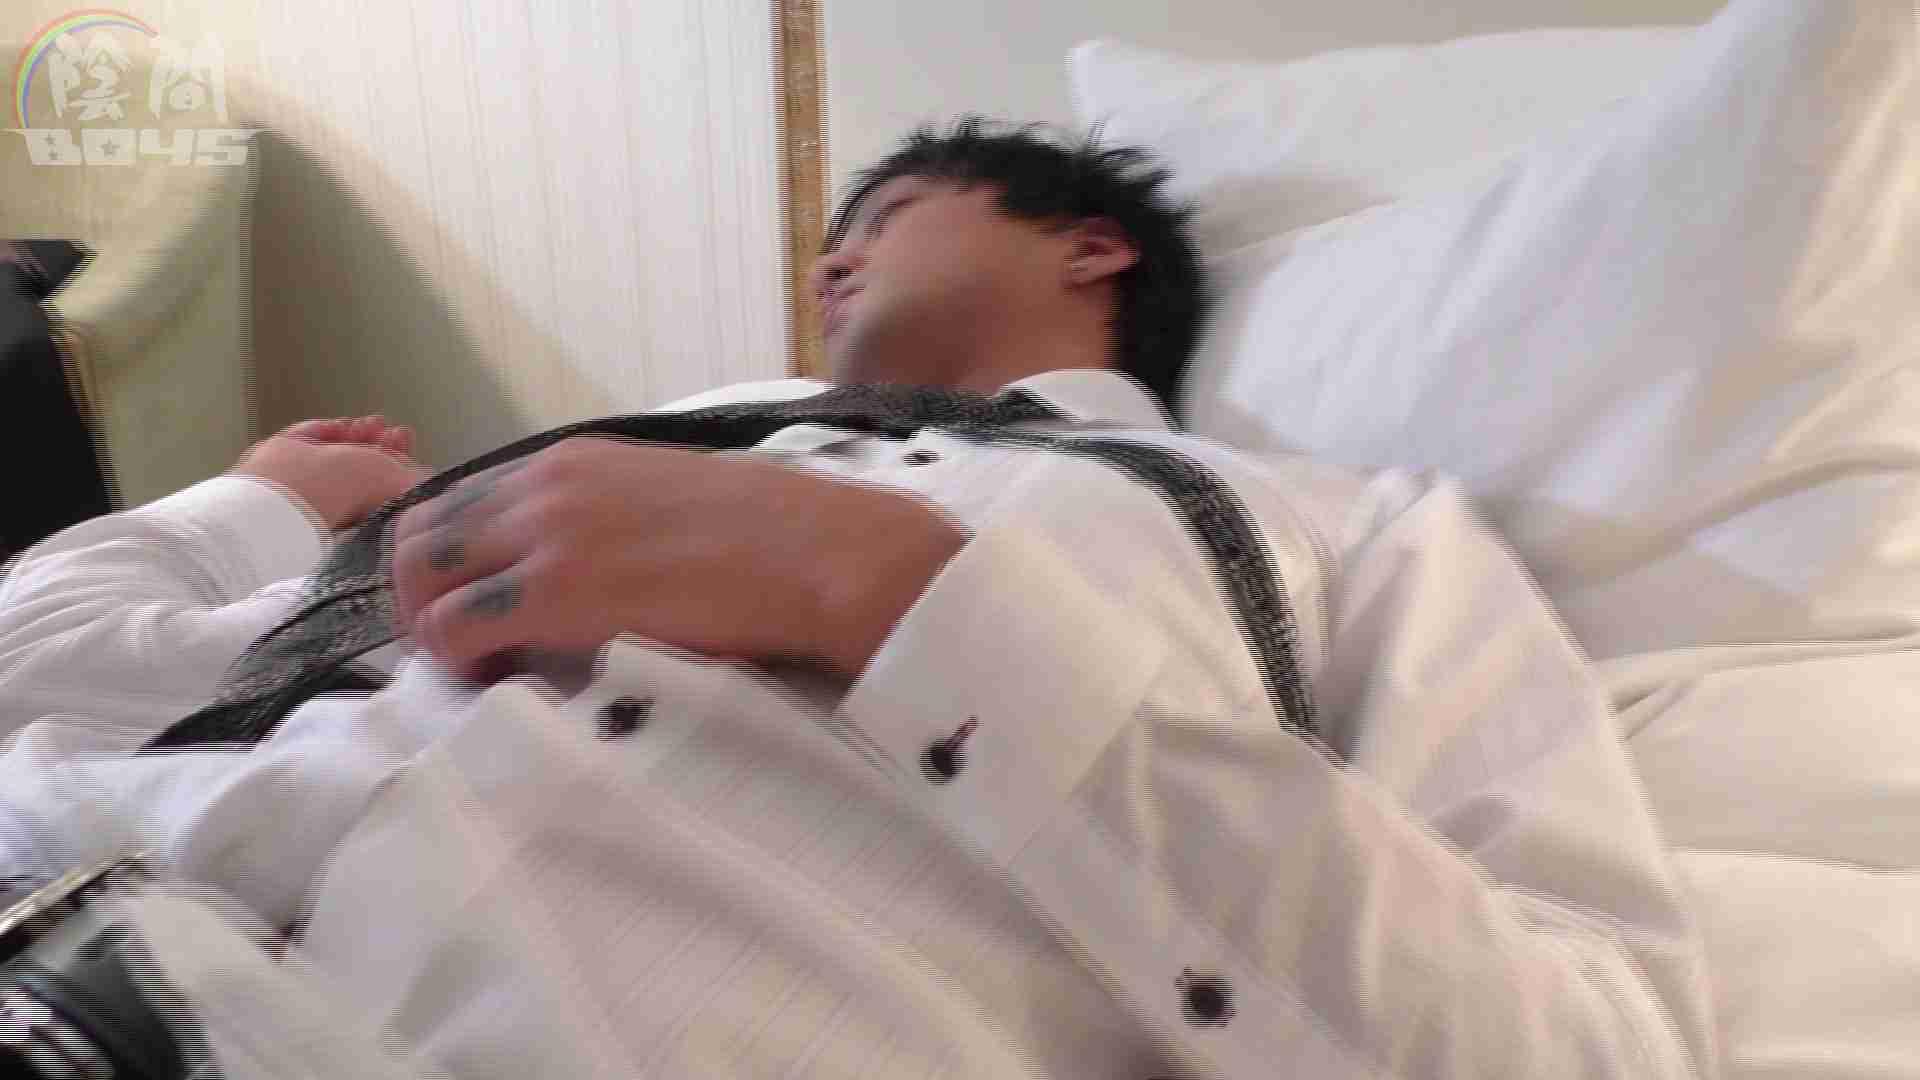 """キャバクラの仕事は""""アナル""""から1 Vol.04 HTDV ゲイアダルトビデオ画像 96pic 35"""